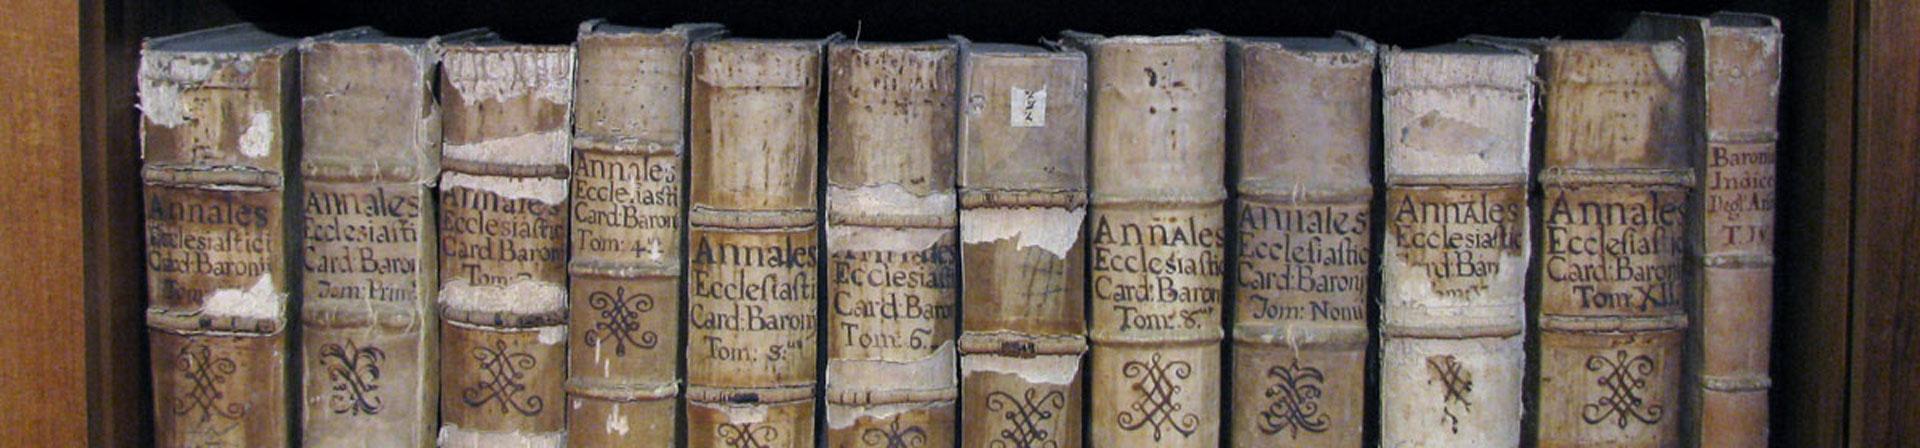 Cosa vedere a Sacile: Centro Studi Biblici - dettaglio libri